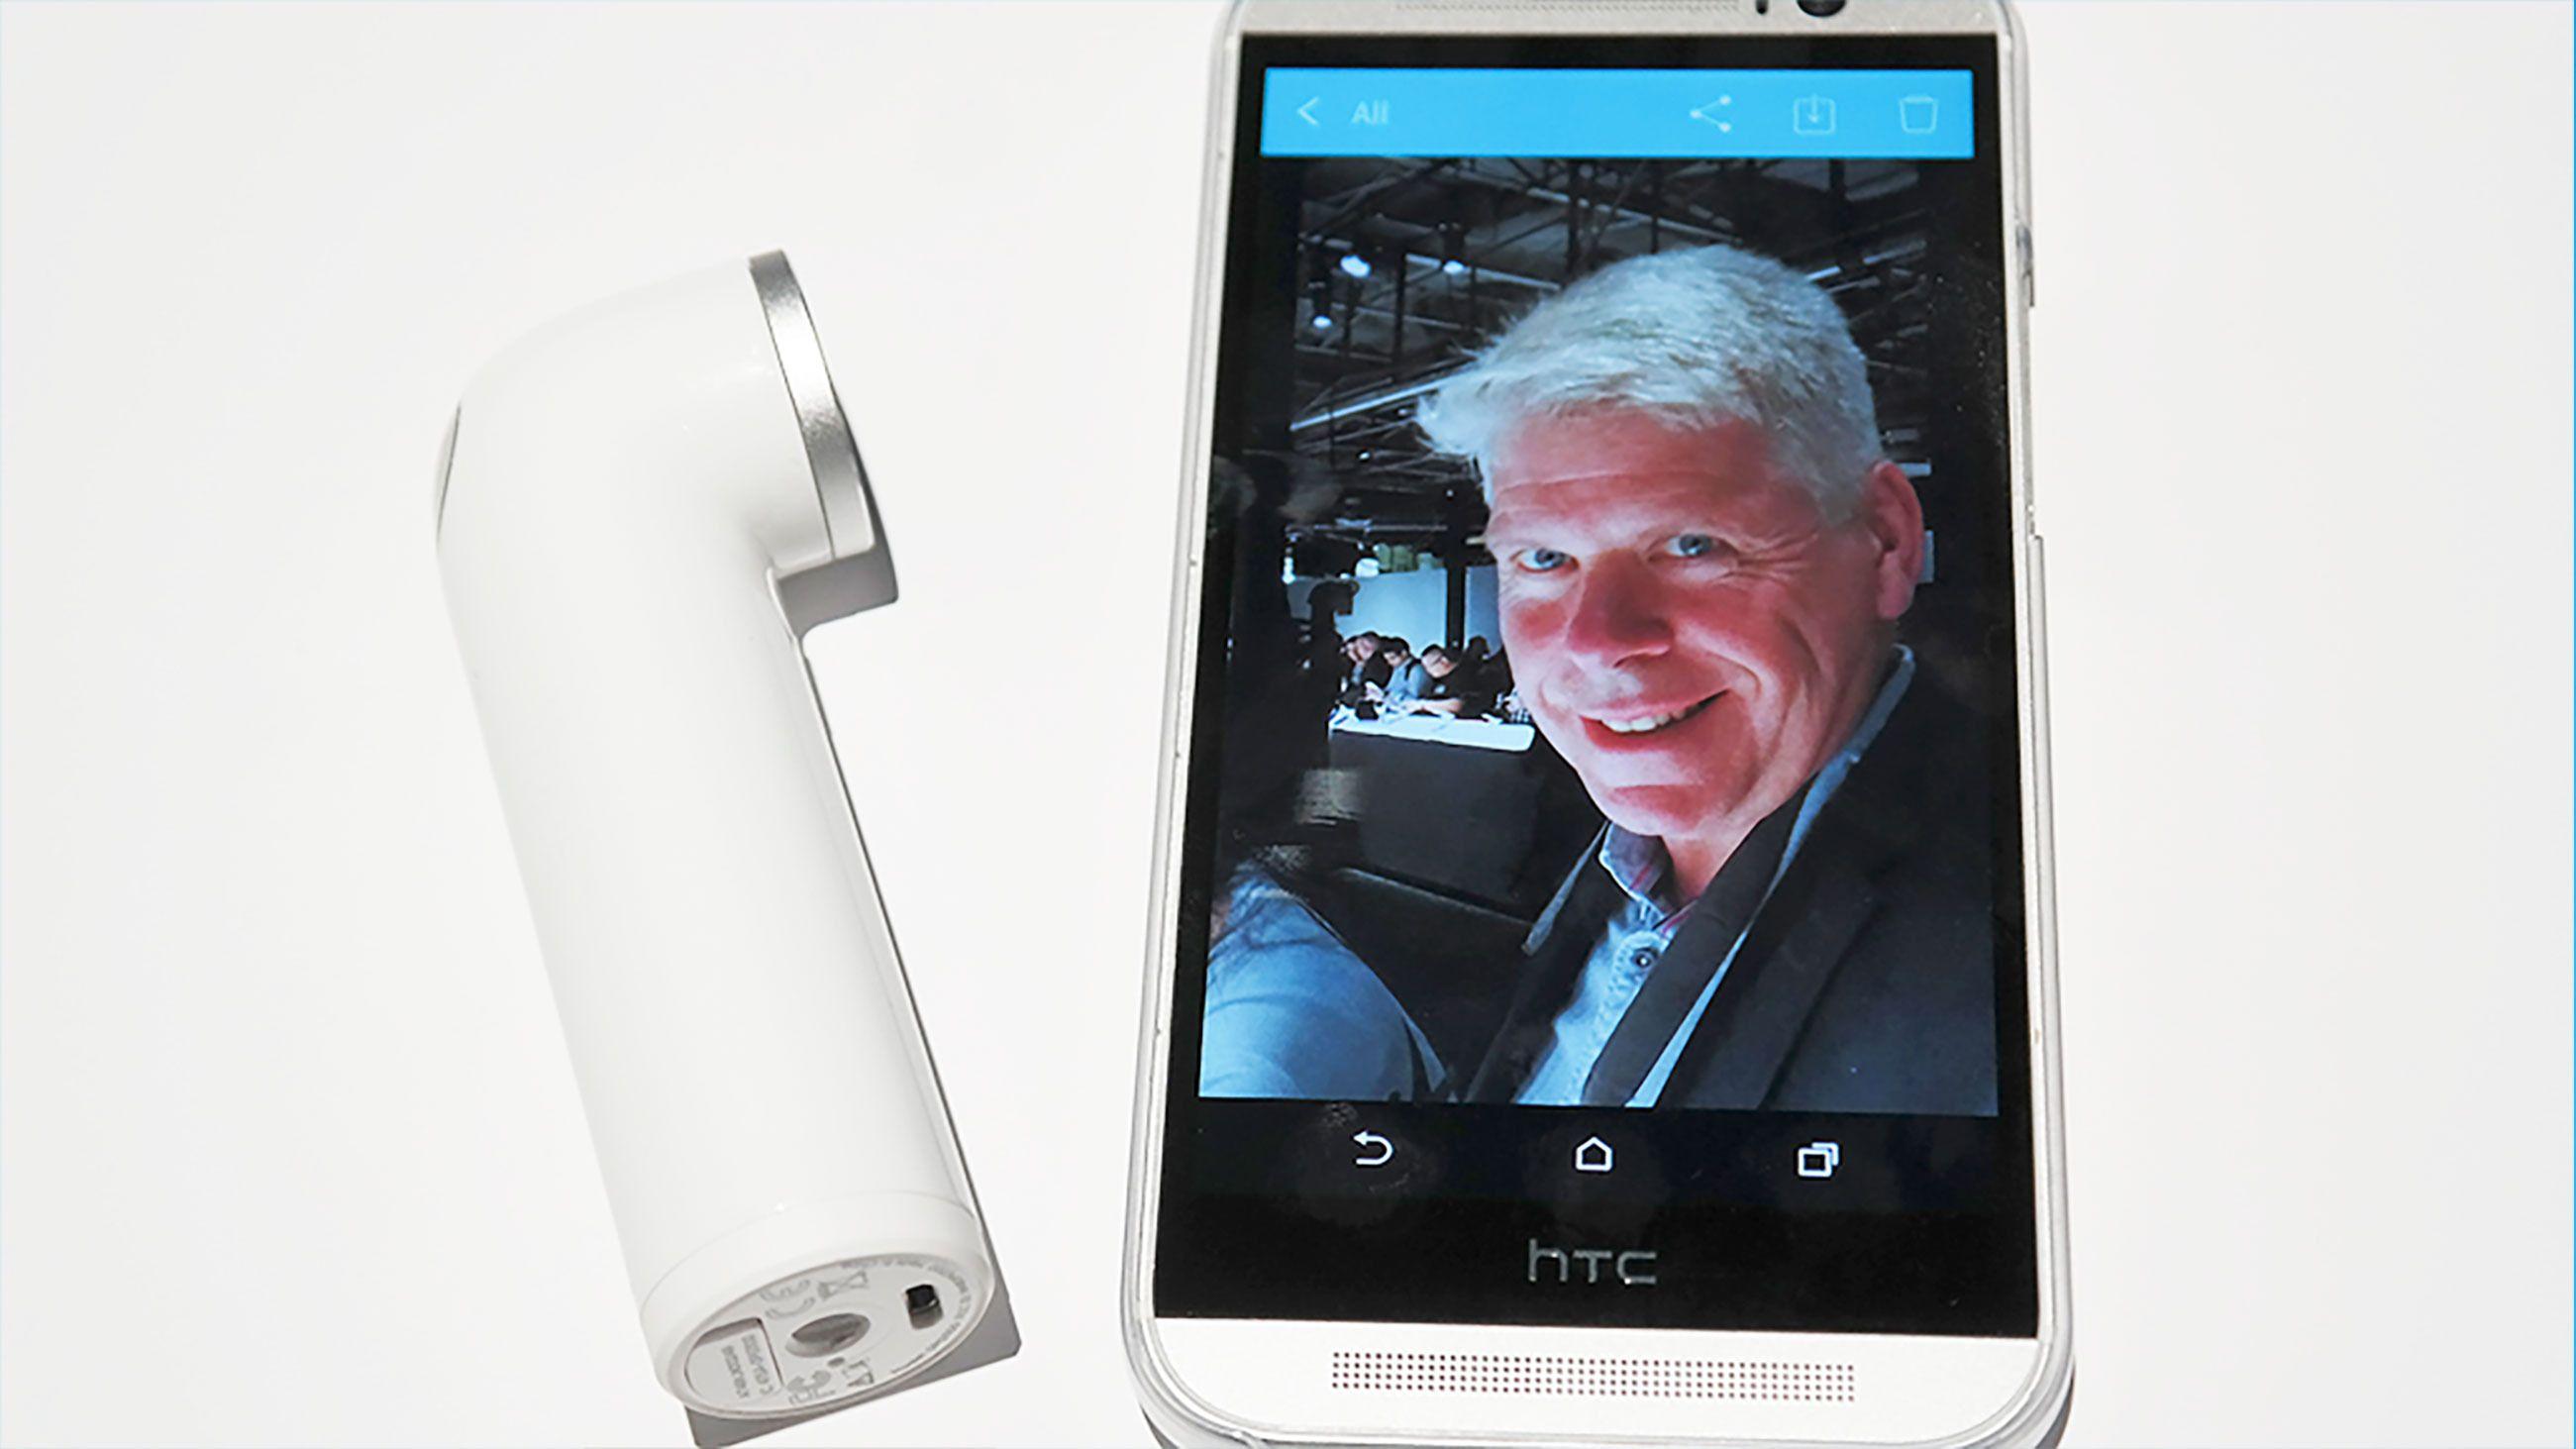 Bildet du tar med RE kan sendes direkte til internett, eller du kan hente det opp på mobilen din.Foto: Espen Irwing Swang, Tek.no